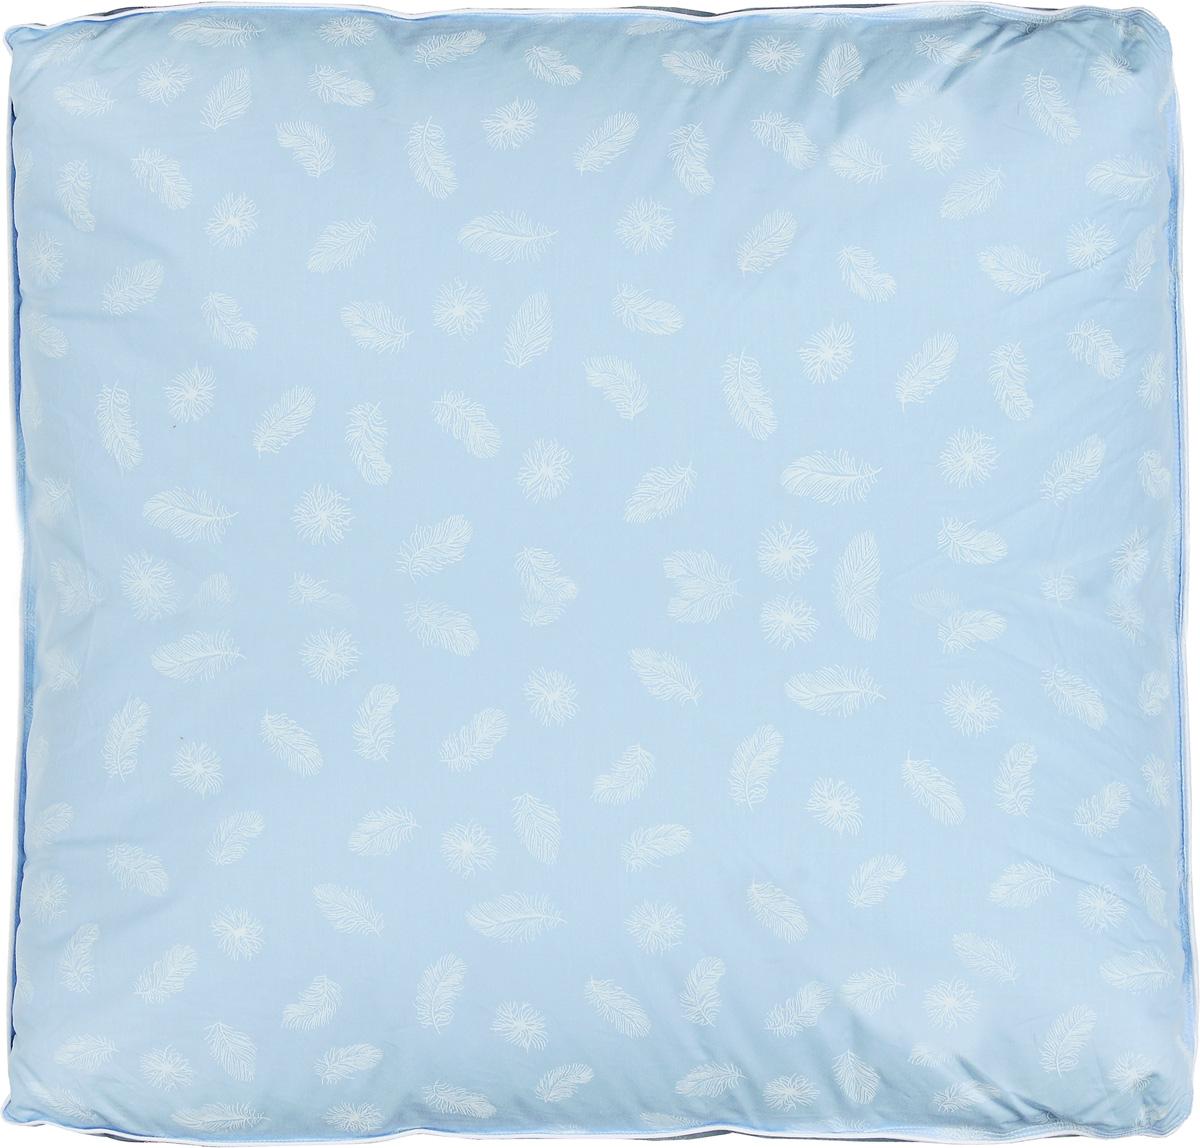 Подушка Легкие сны Донна, наполнитель: гусиный пух второй категории, 68 х 68 см подушка легкие сны sandman наполнитель гусиный пух категории экстра 50 х 68 см